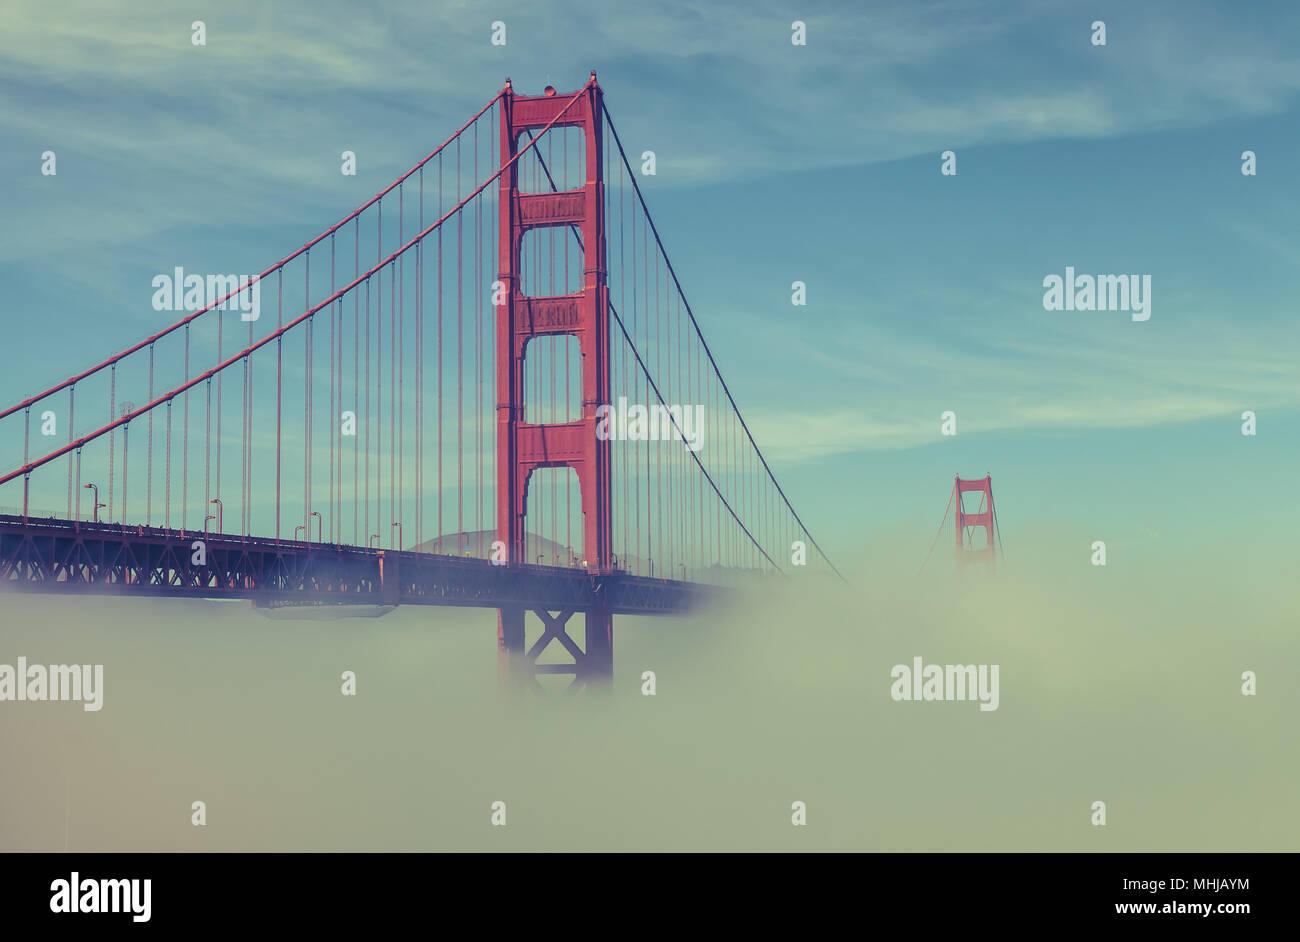 Bas épais brouillard formé sous le Golden Gate Bridge à San Francisco, Californie, États-Unis, sur une première matinée de printemps. Photo Stock